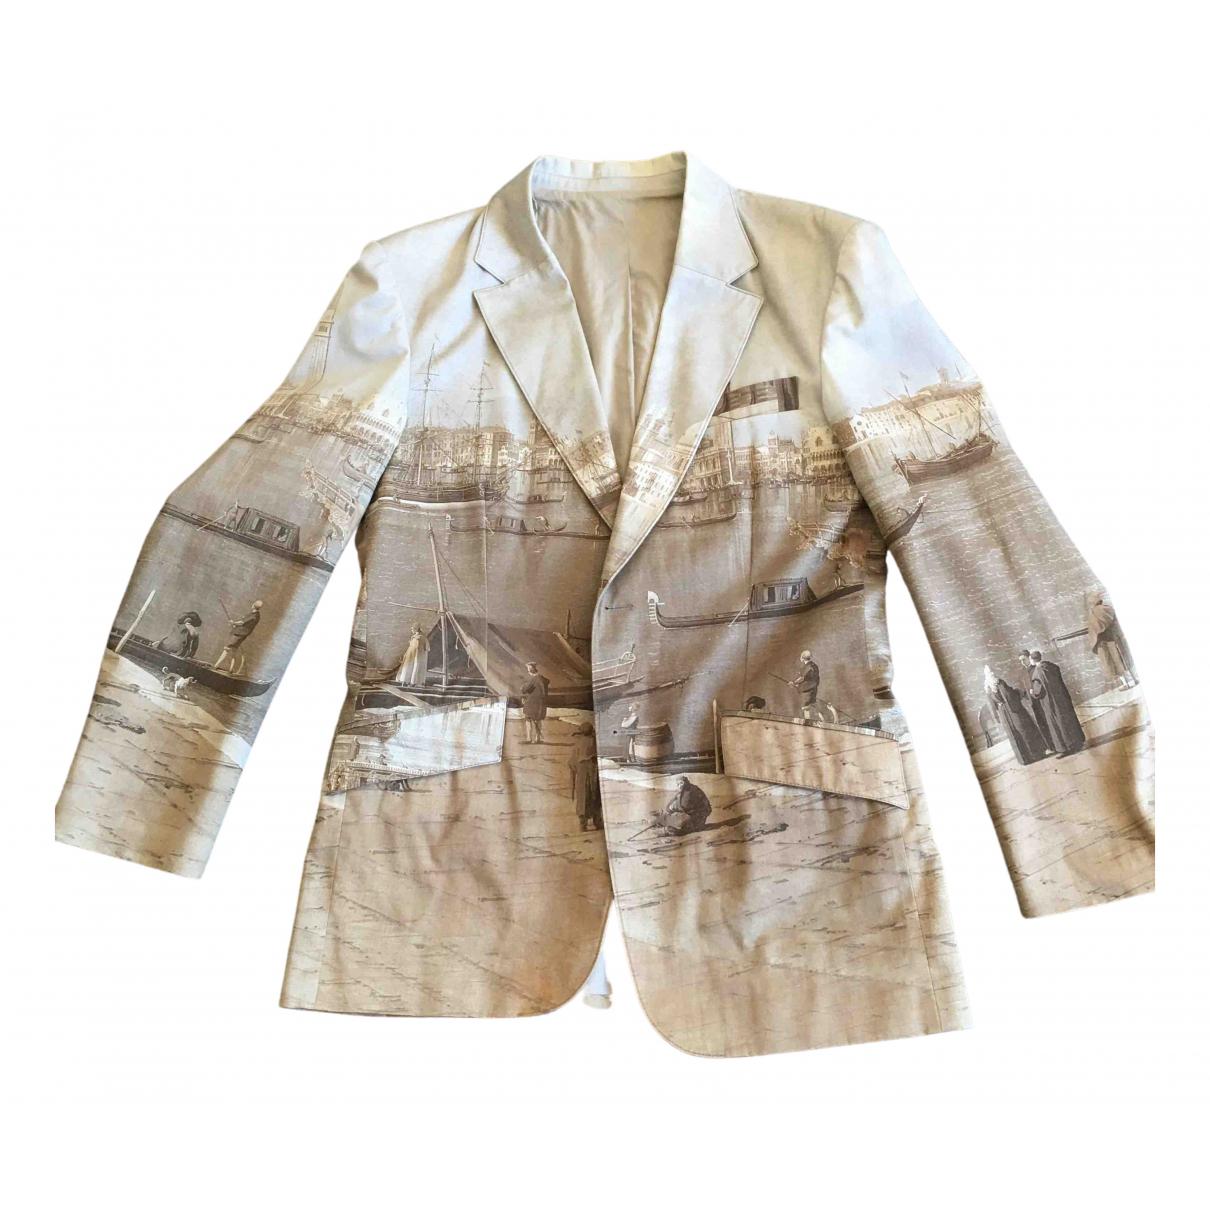 Hamnett London - Vestes.Blousons   pour homme en coton - beige